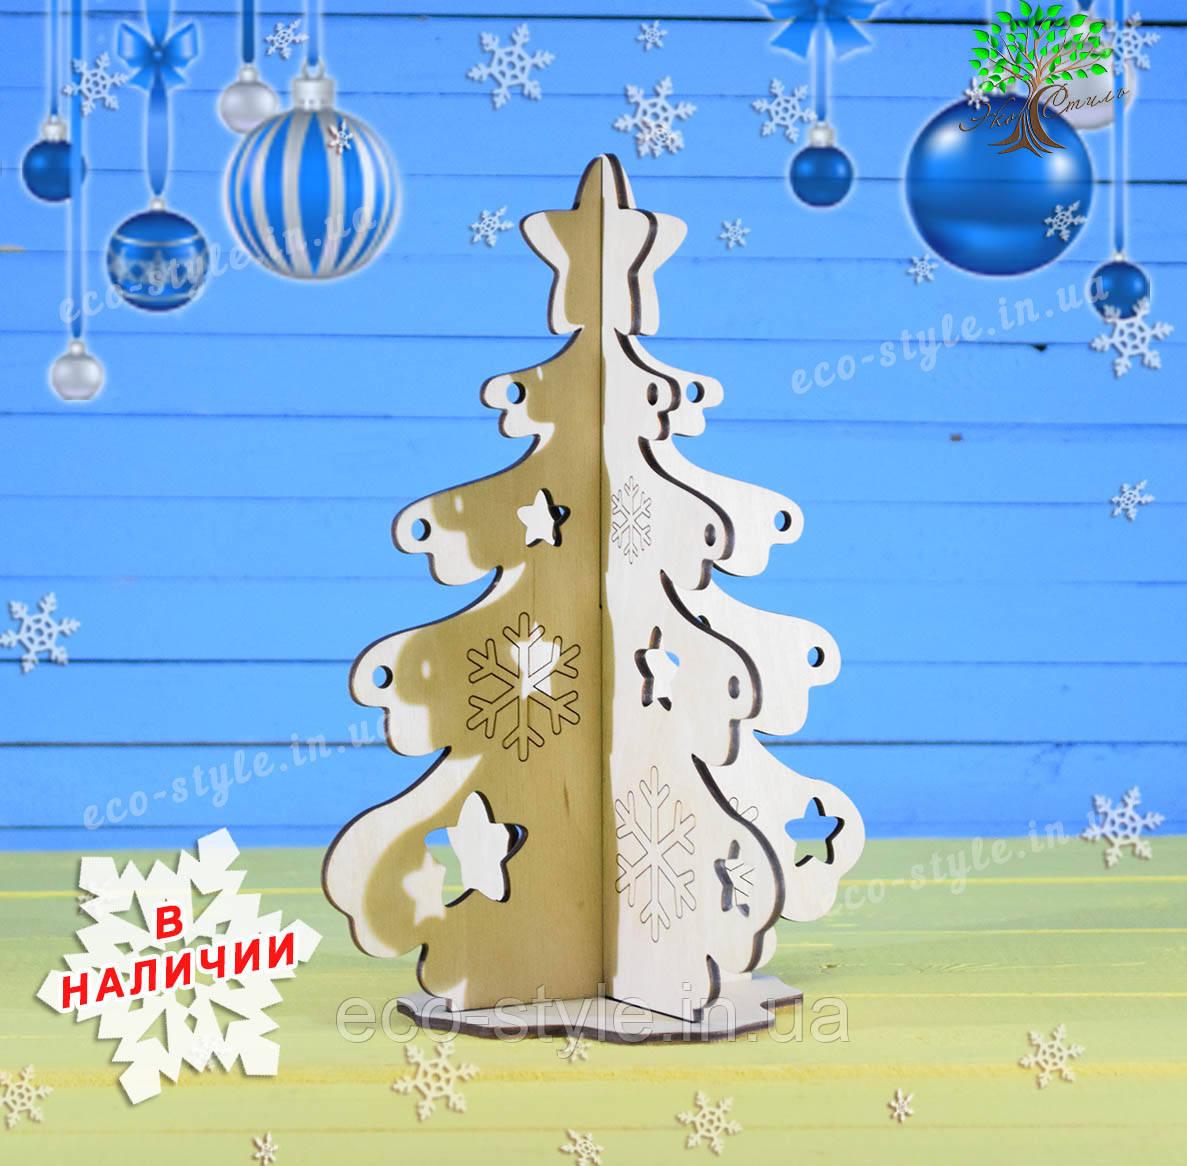 Елка, новогодние игрушки и украшения, деревянная елка на стол